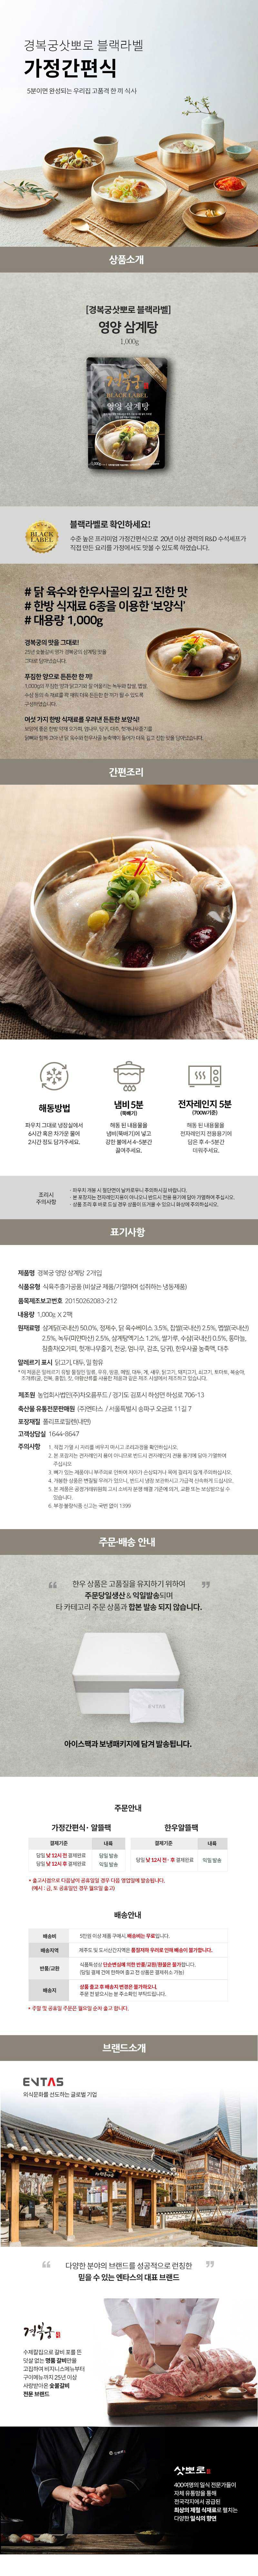 경복궁 한우사골 곰탕 세트 2.8kg 상품설명